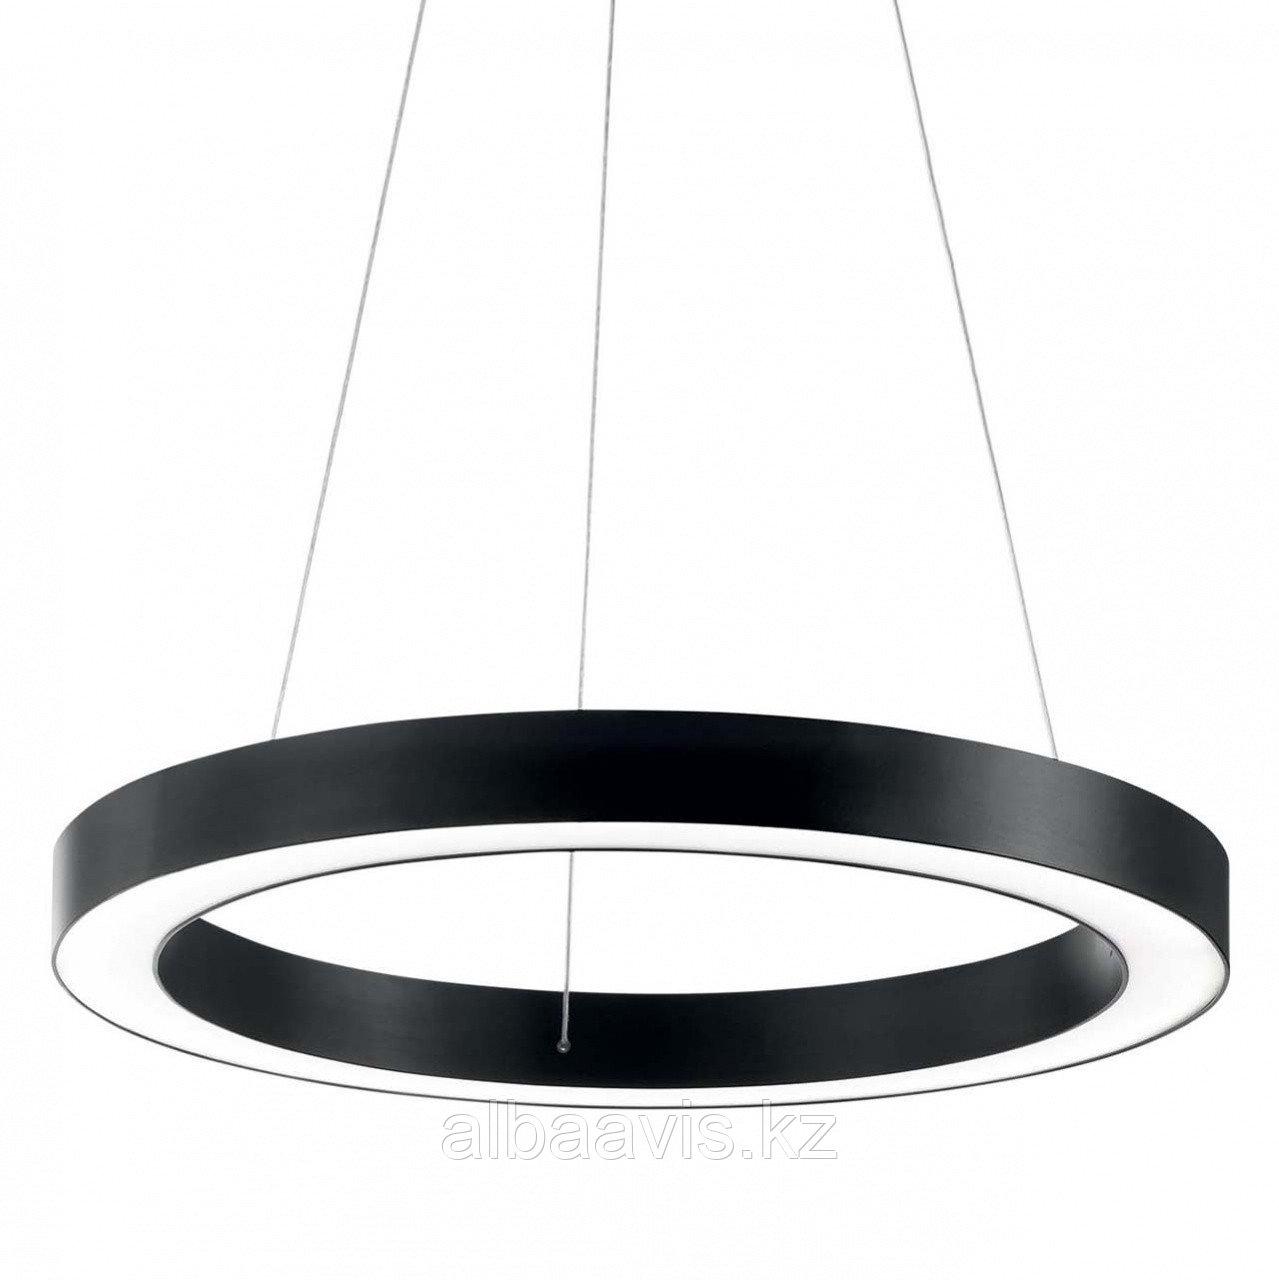 Светильники подвесные в стиле хай-тек 60х50х8см, витражные люстры, люстры в стиле хай-тек, люстра